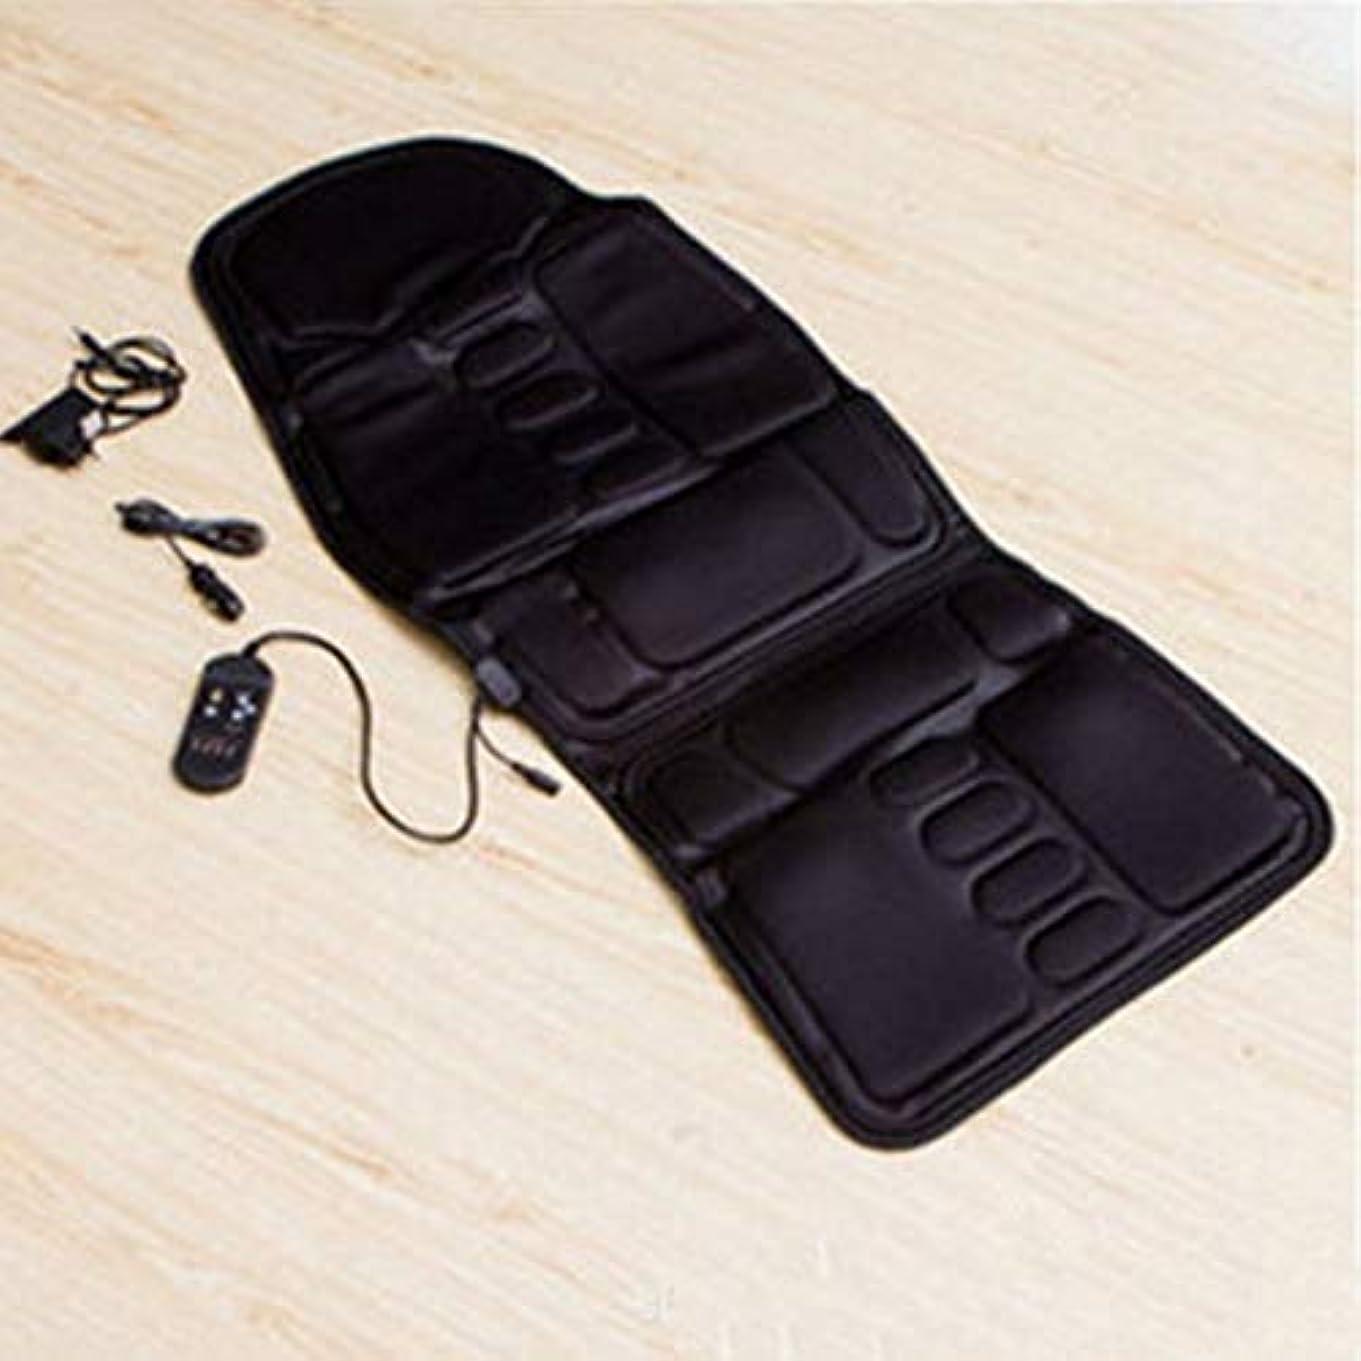 洗うパットセラフCar Chair Home Seat Heat Cushion Back Neck Waist Body Electric Multifunctional Chair Massage Pad Back Massager